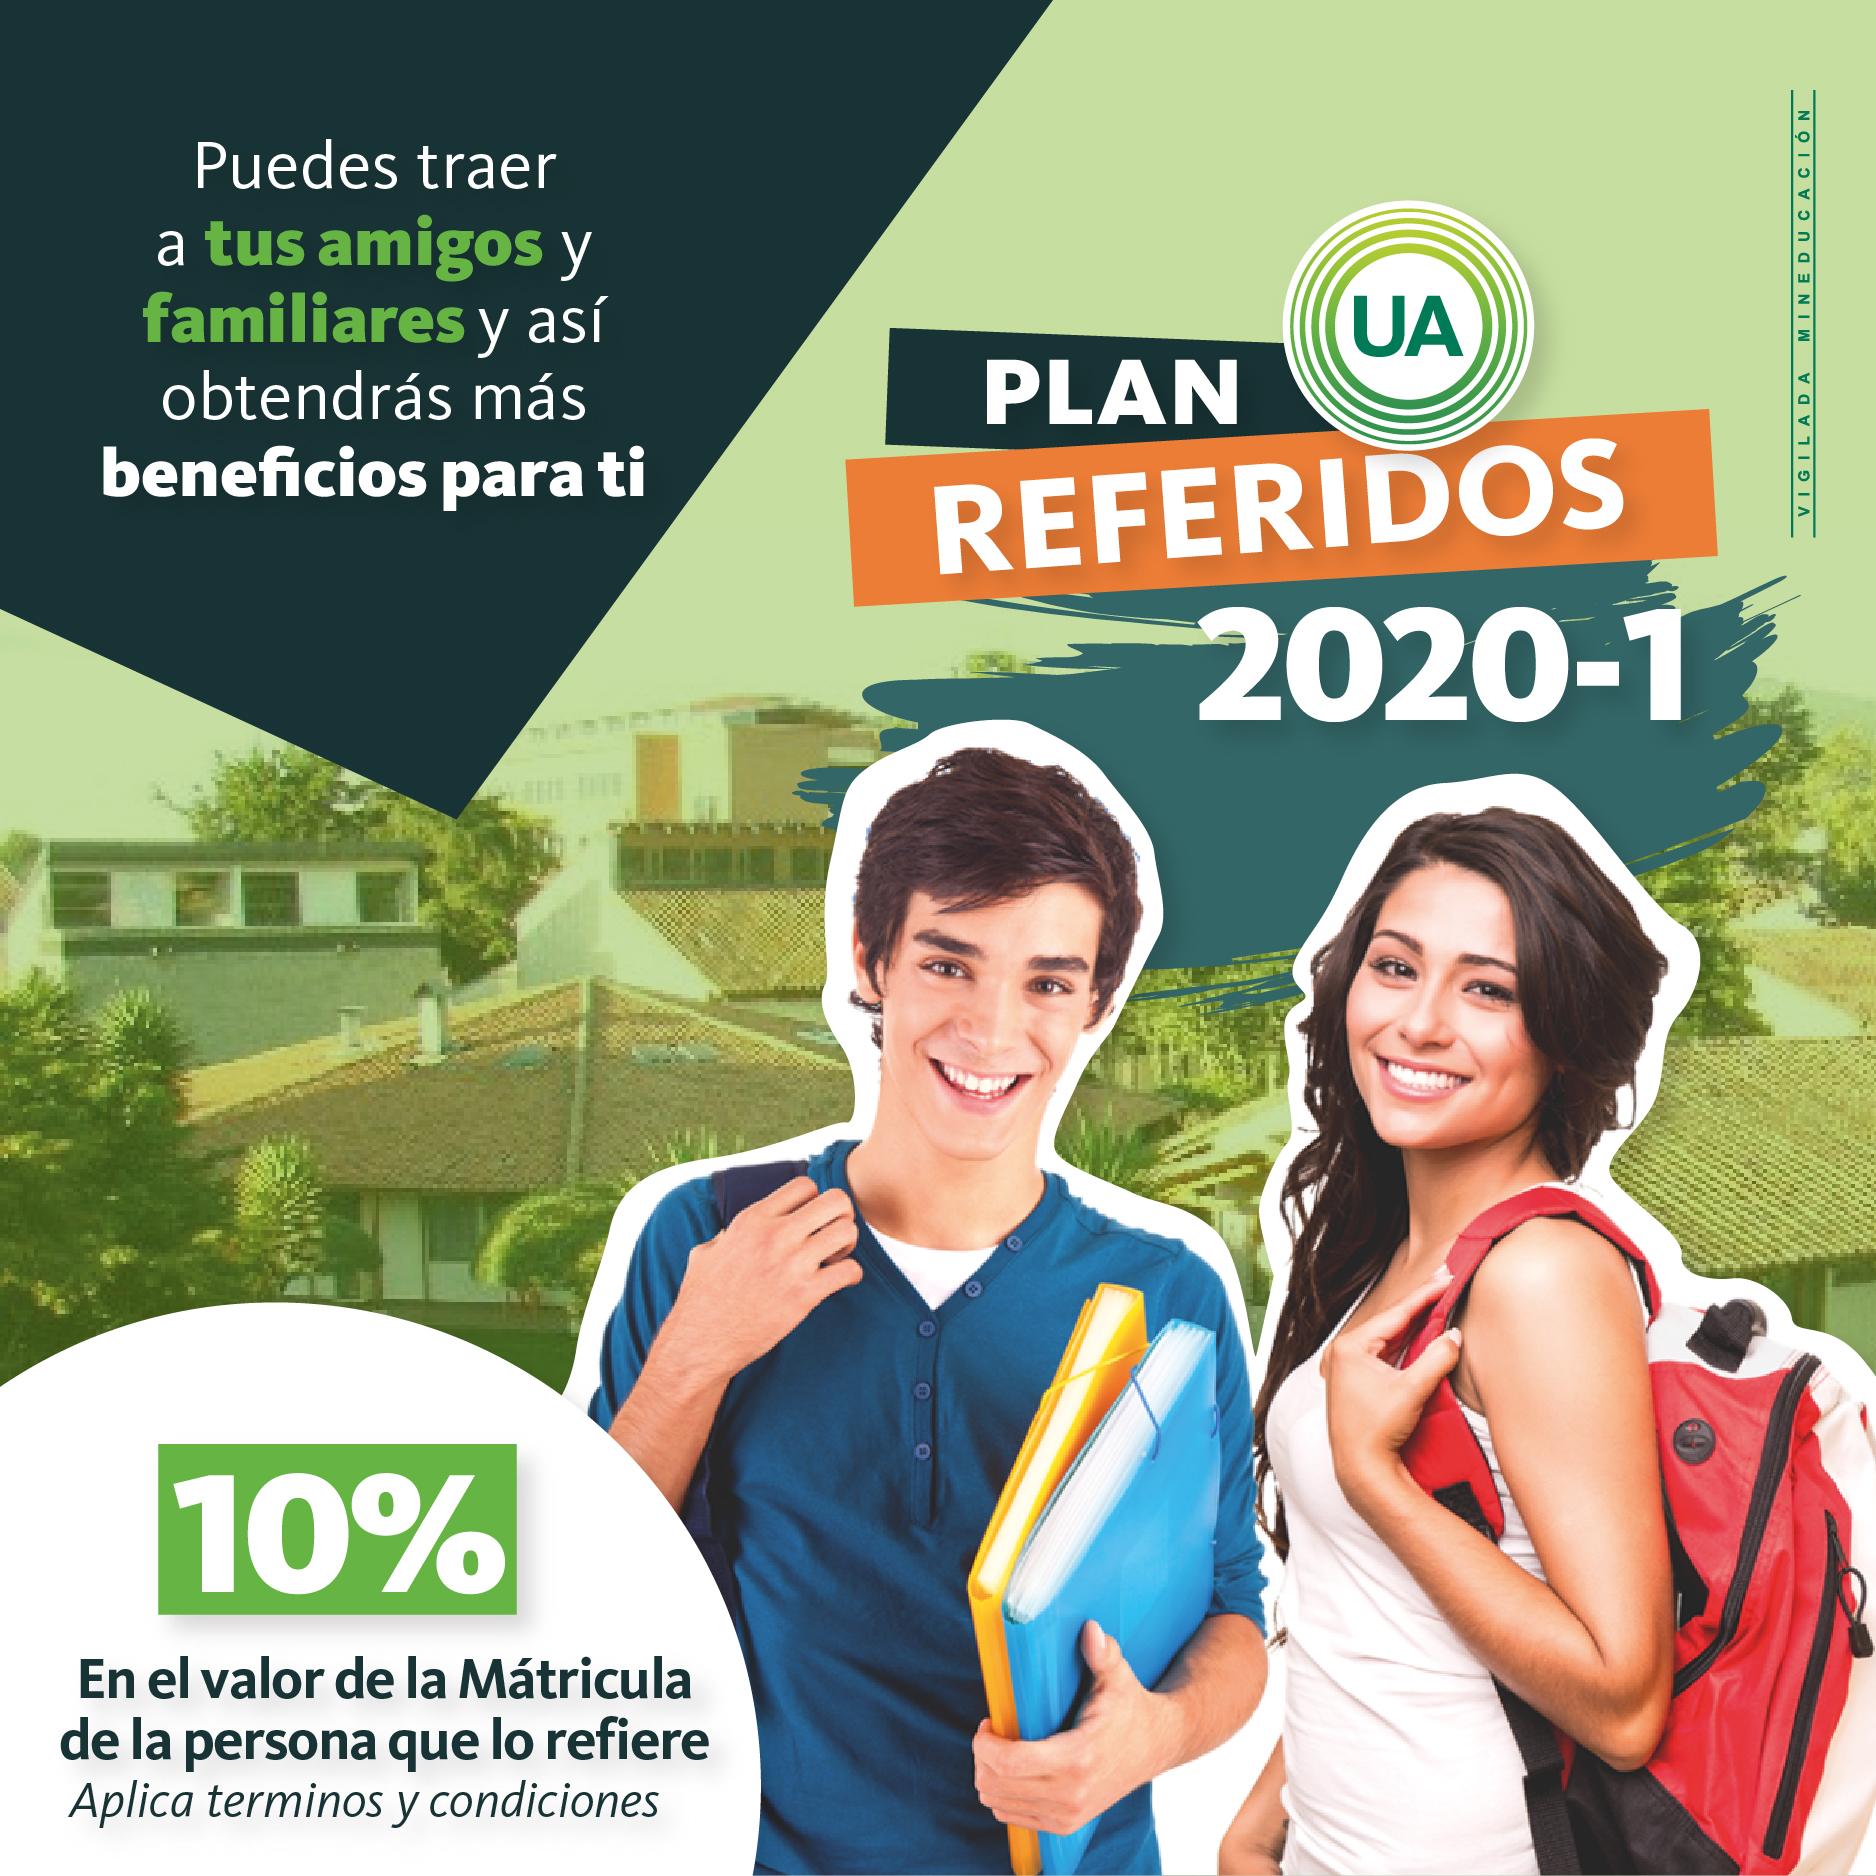 Plan referidos 2020-1